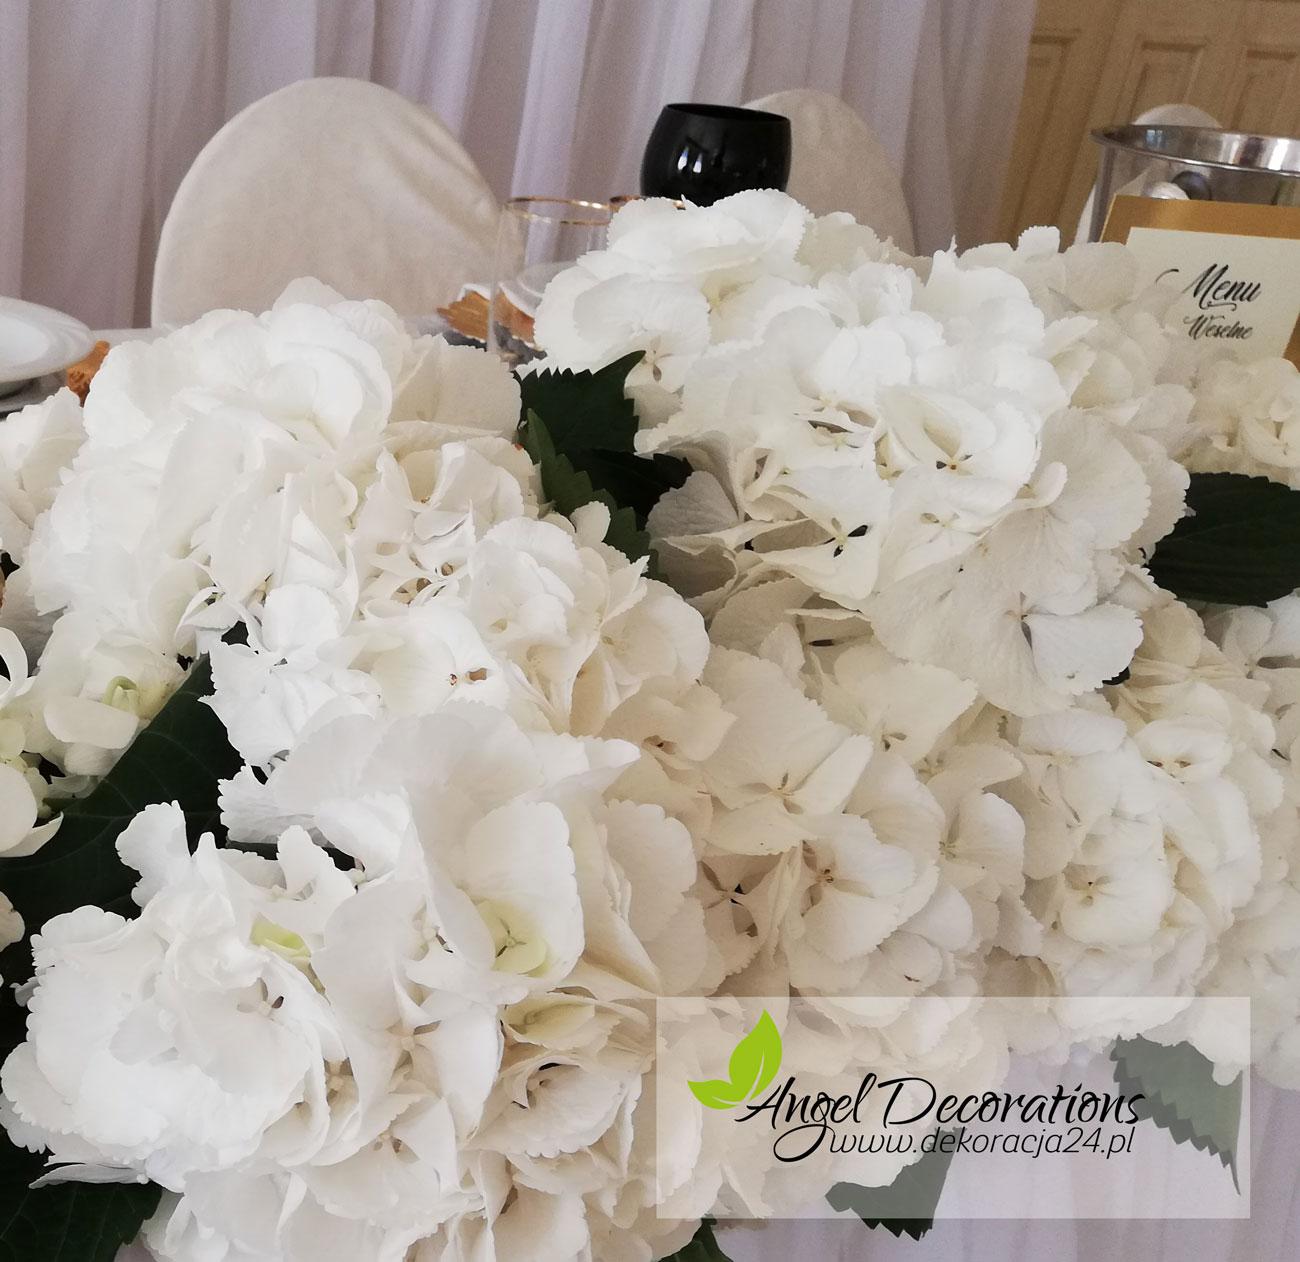 dekoracje-kwiaty-AgnelDecorations-wypozyczalnia-dekoracji-krakow